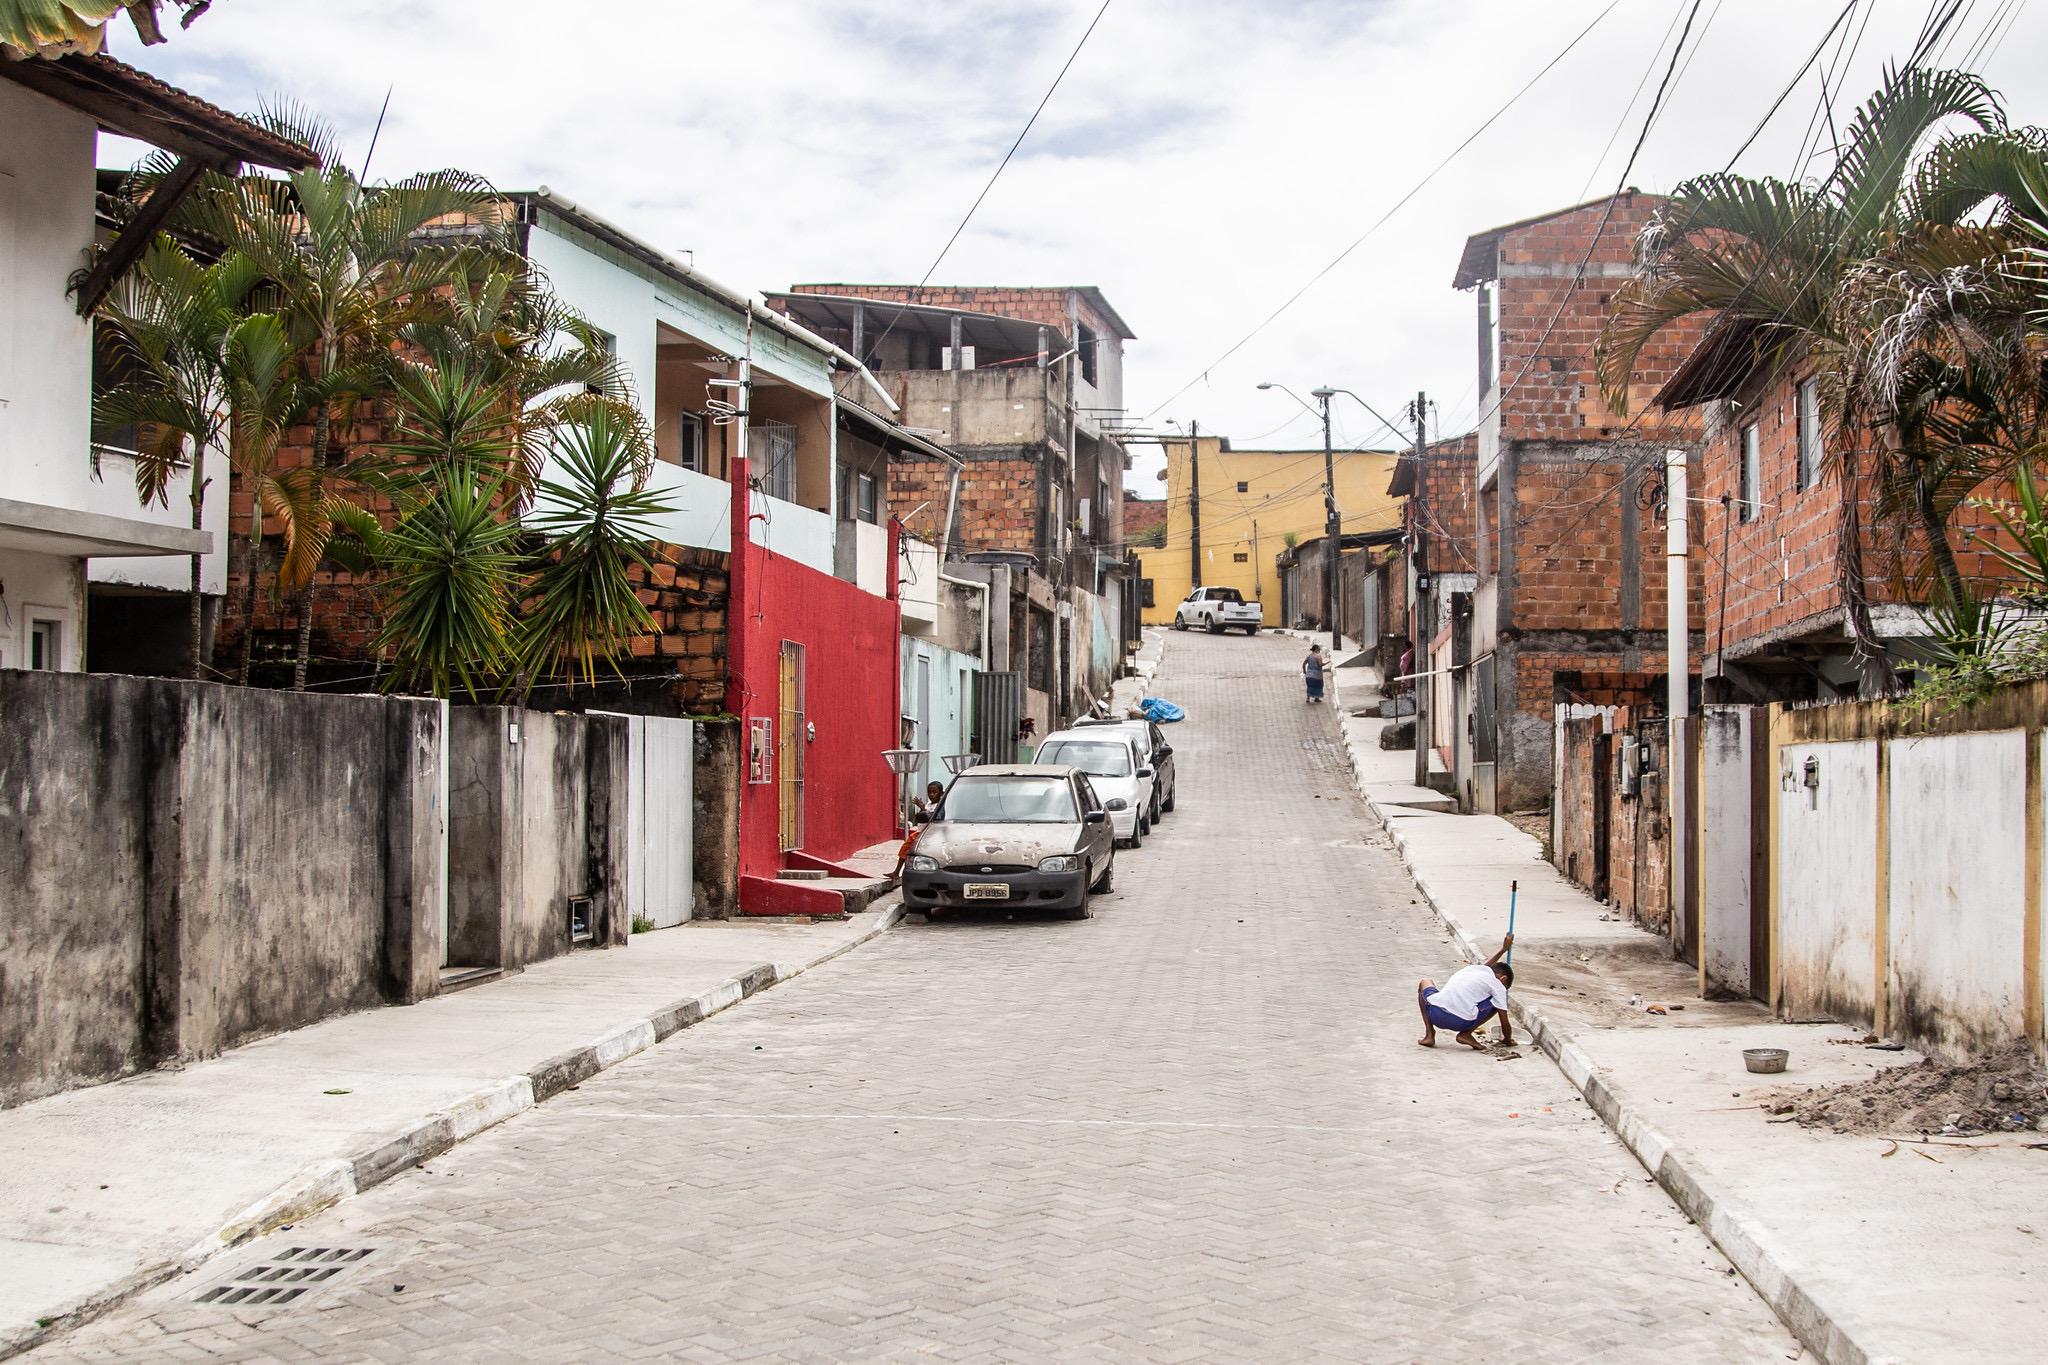 Prefeitura entrega pavimentação de quatro ruas no bairro de Portão neste sábado (21)